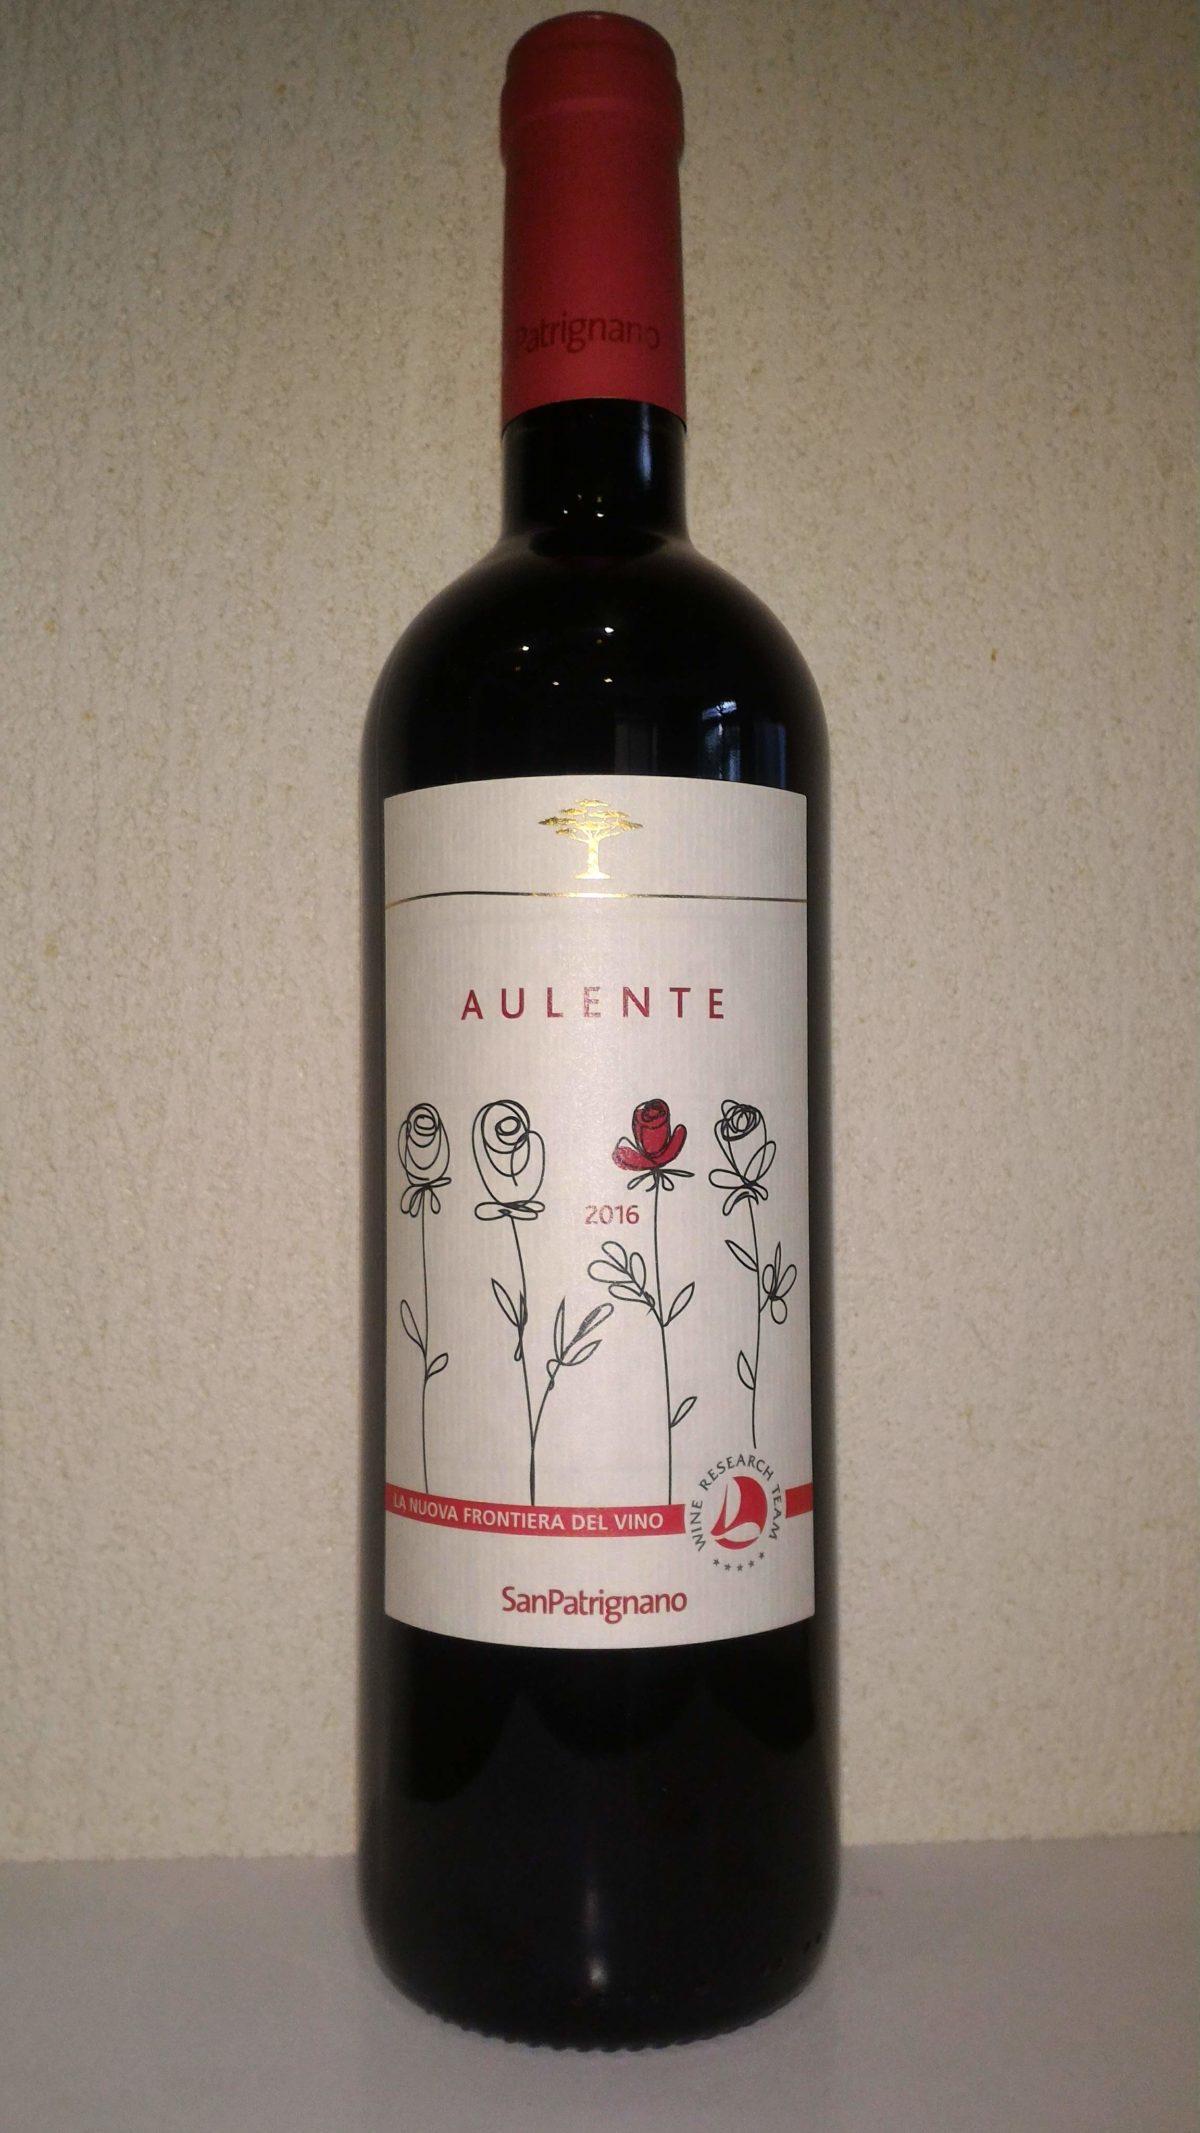 1000円~2000円で愉しむイタリア赤ワイン「アウレンテ・ロッソ」